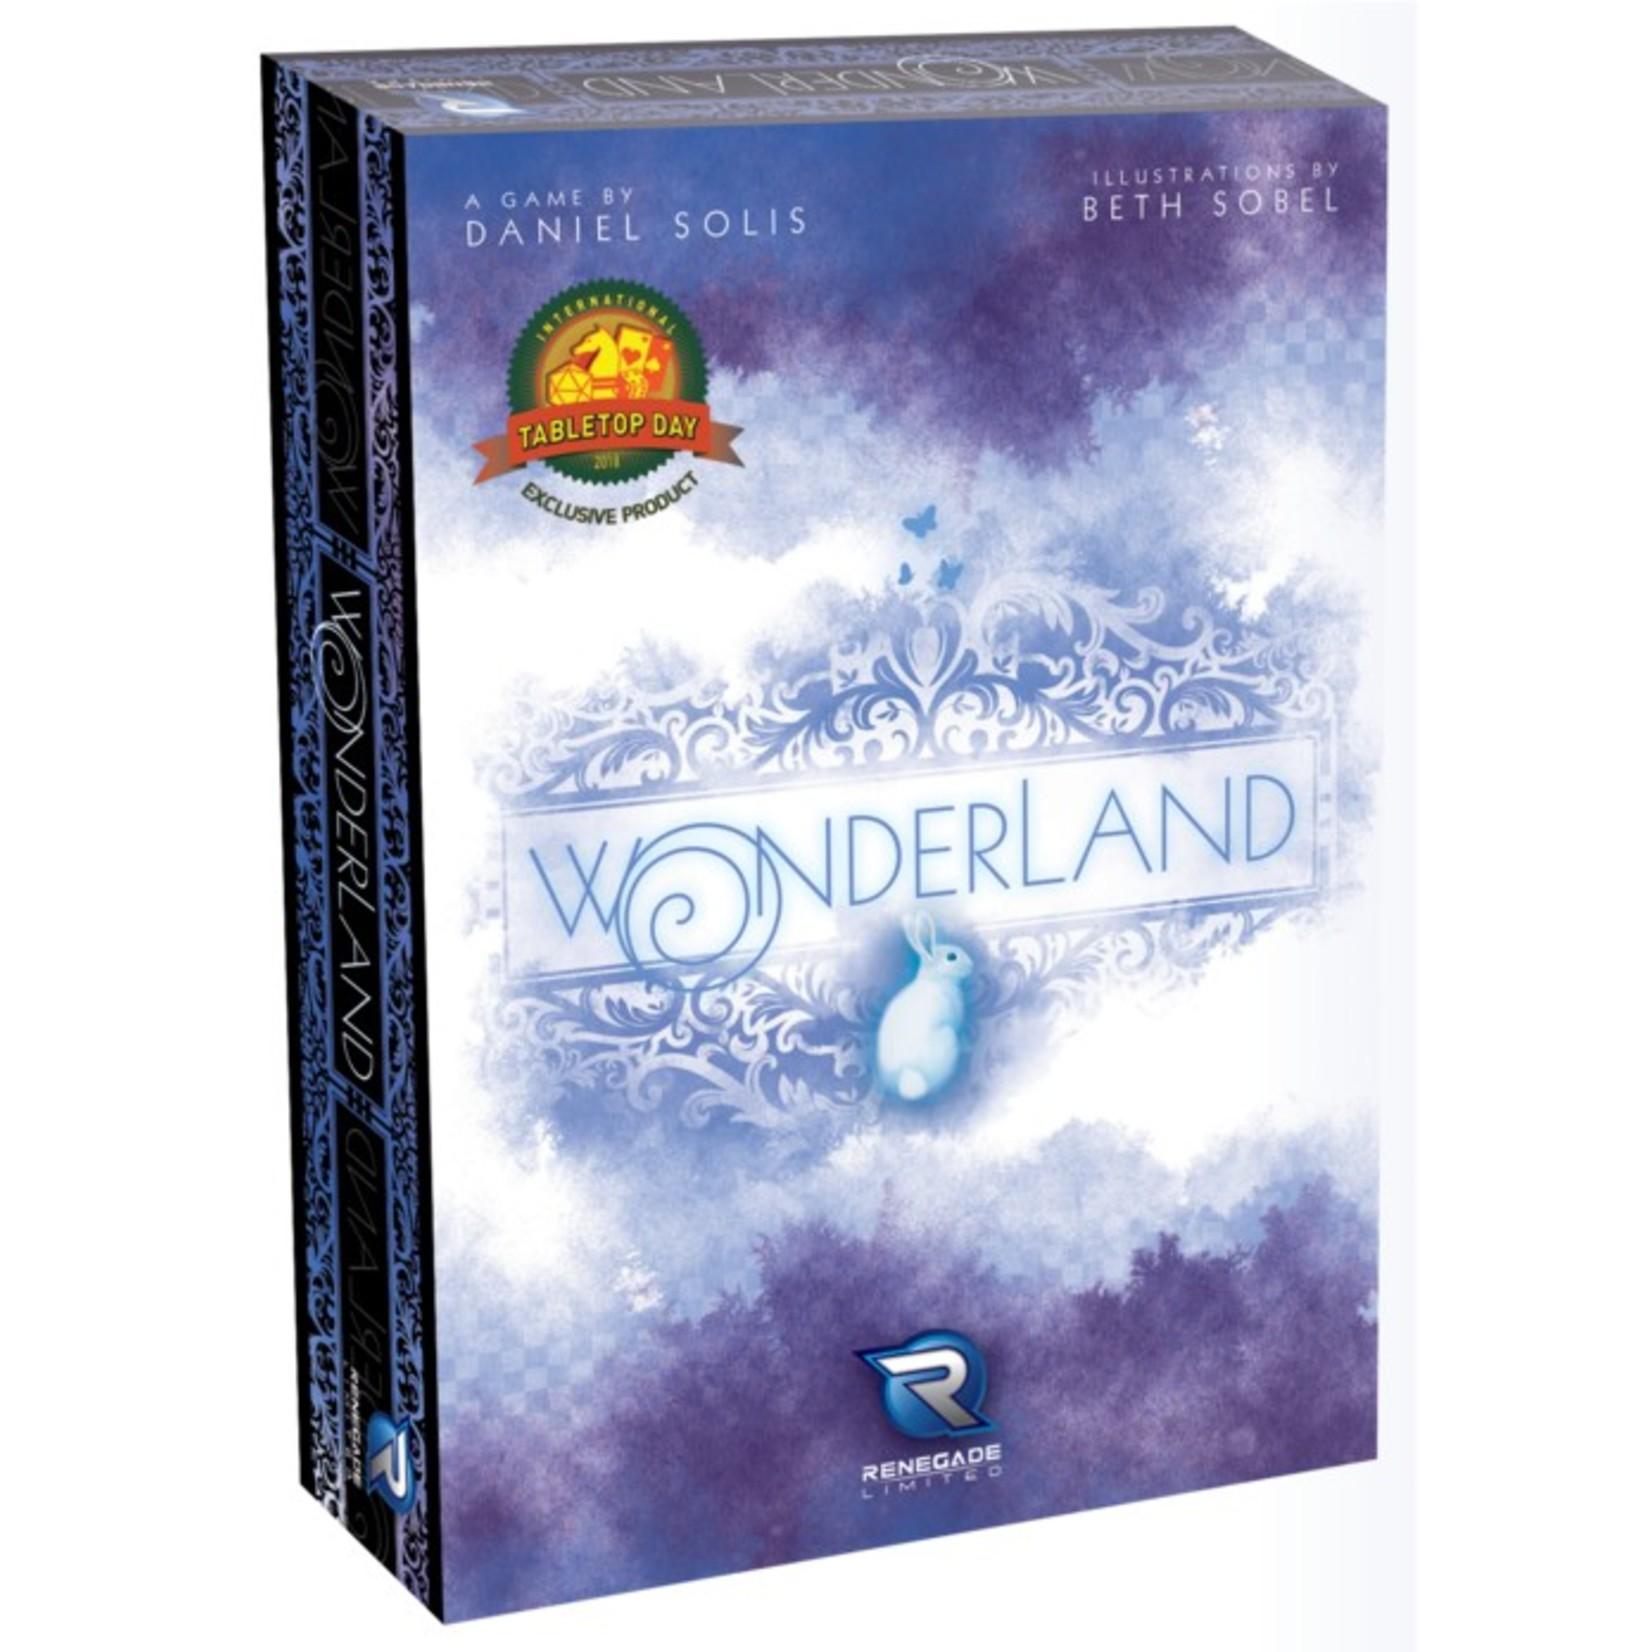 Renegade Wonderland